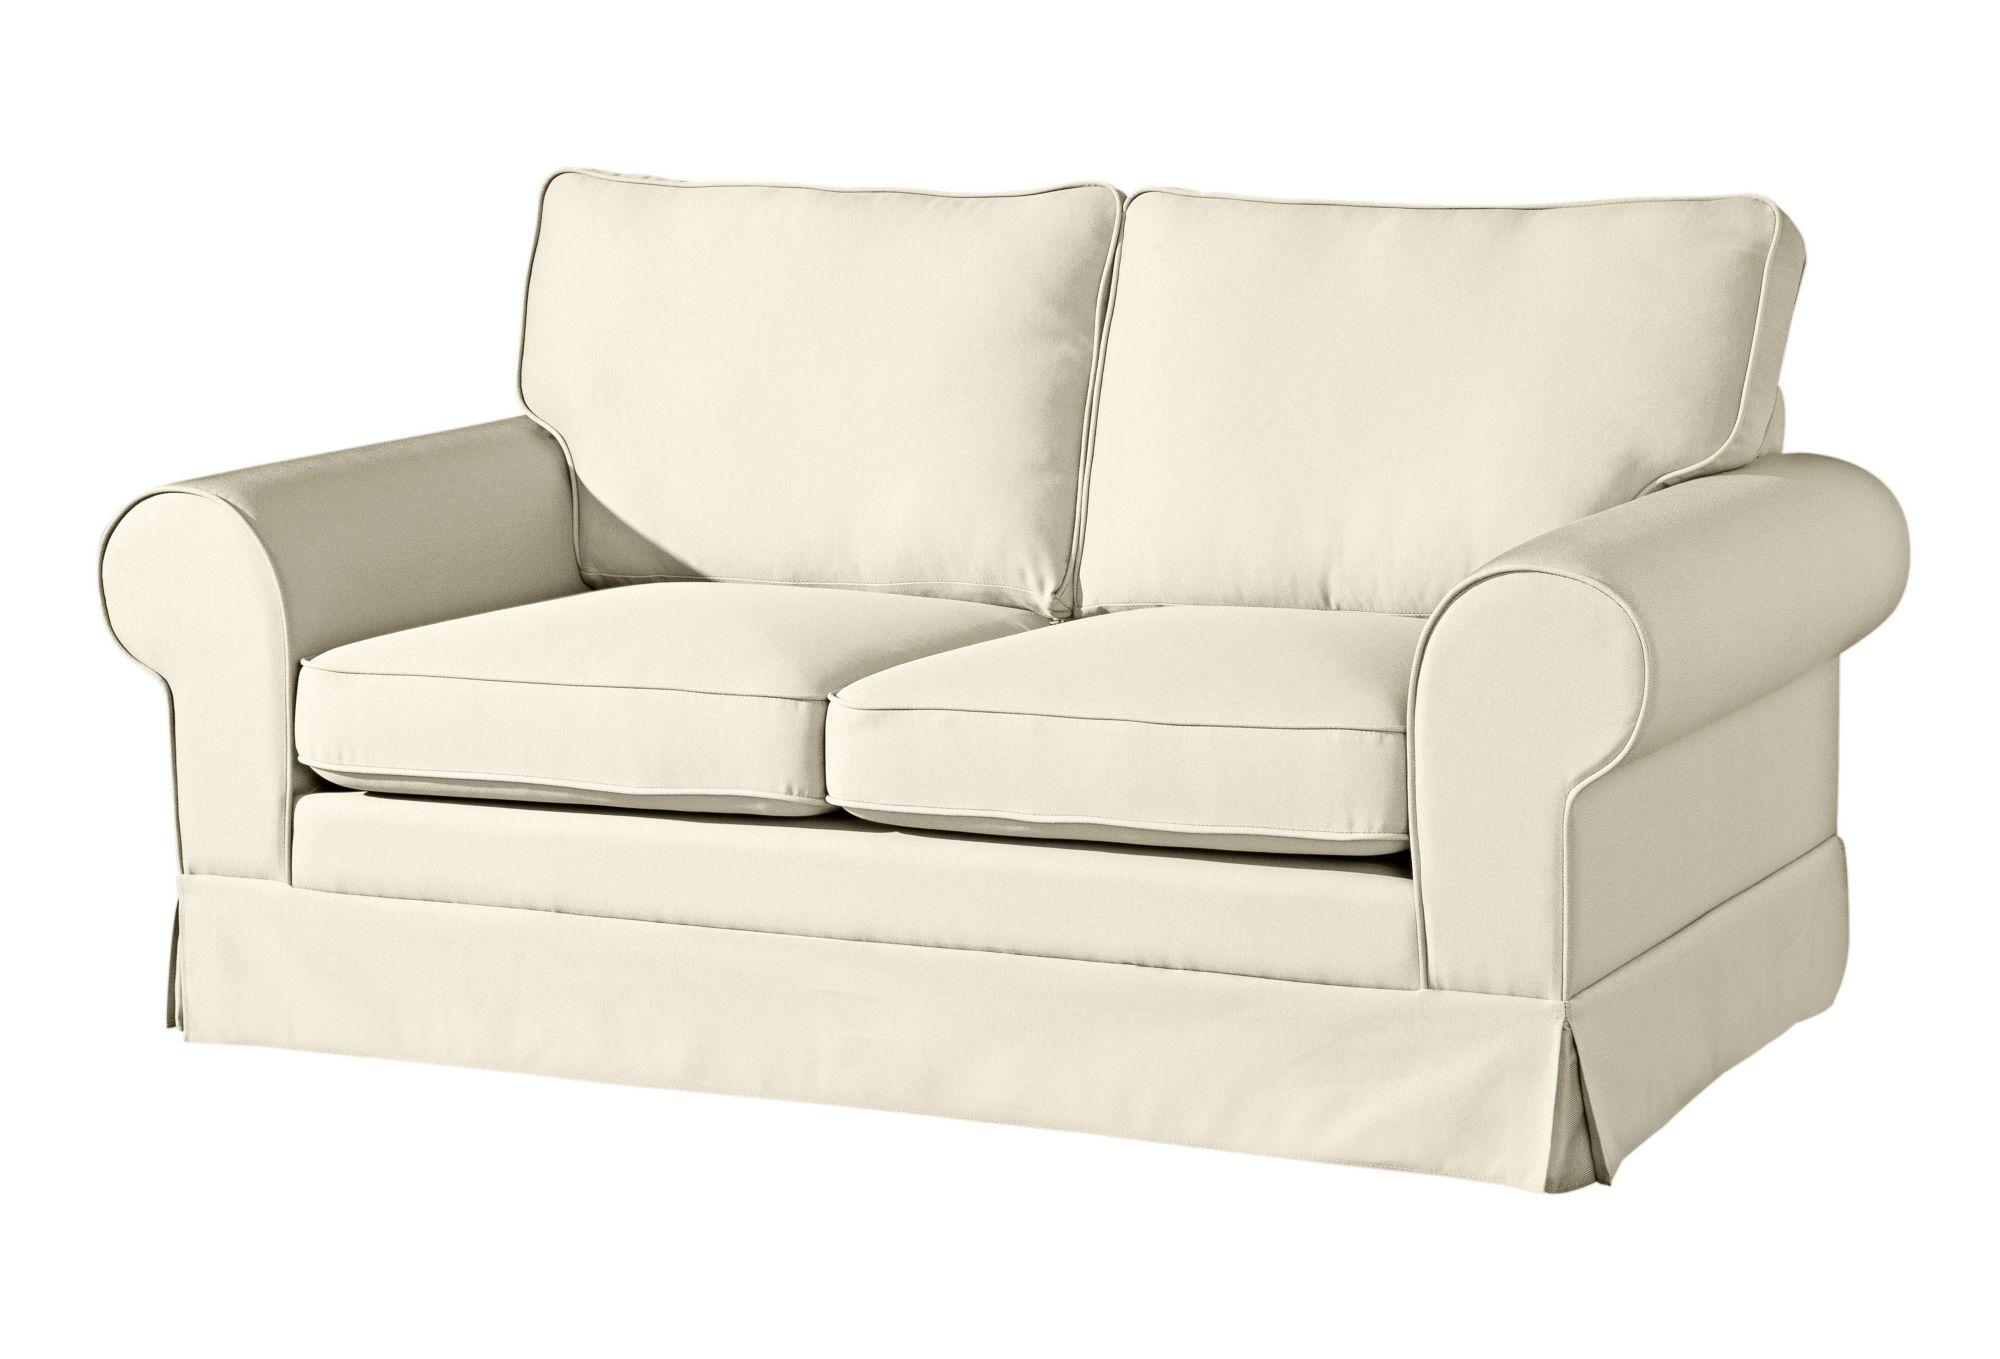 sofa hussen g nstig online kaufen beim schwab versand. Black Bedroom Furniture Sets. Home Design Ideas